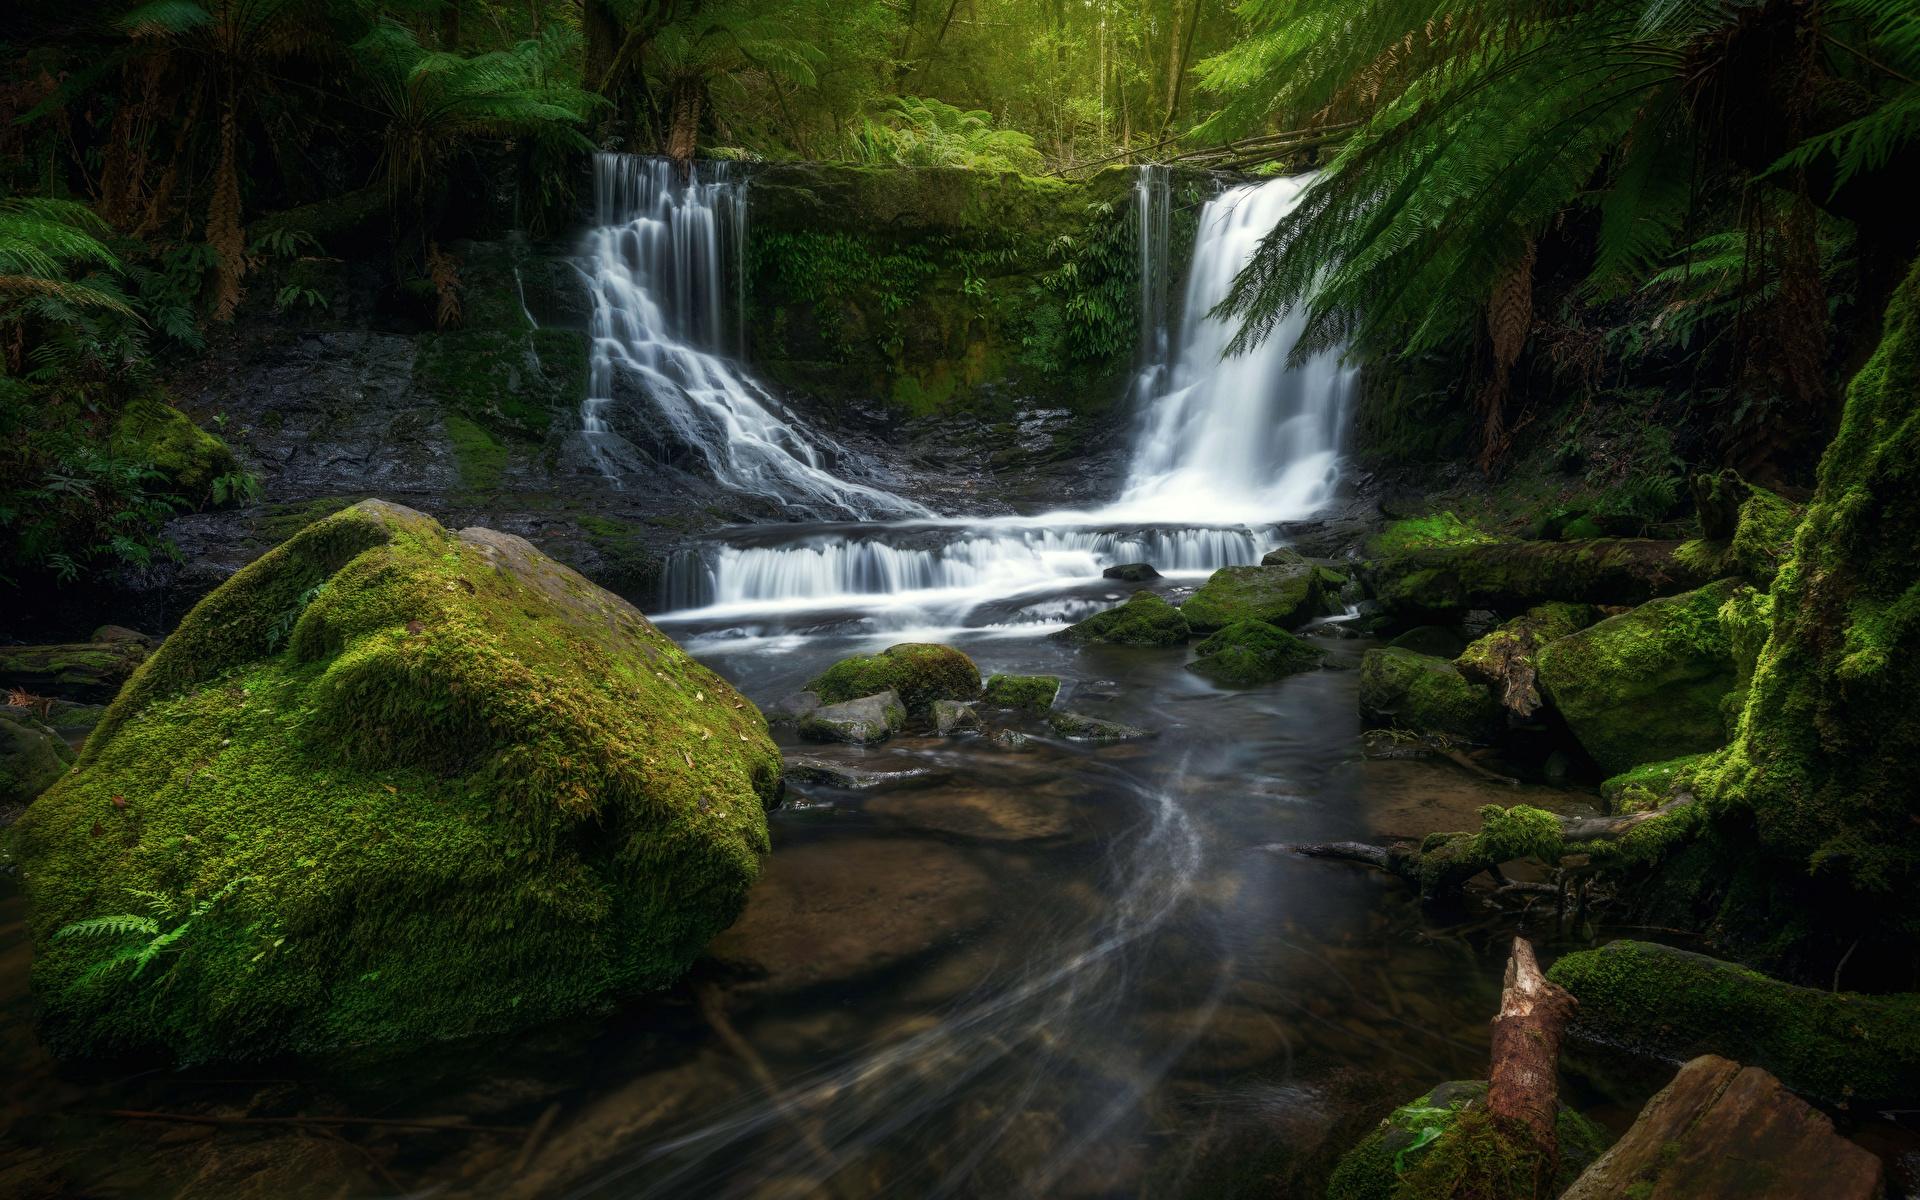 Обои для рабочего стола Австралия Mount Field National Park Природа Водопады Парки Мох Камень 1920x1200 парк мха мхом Камни